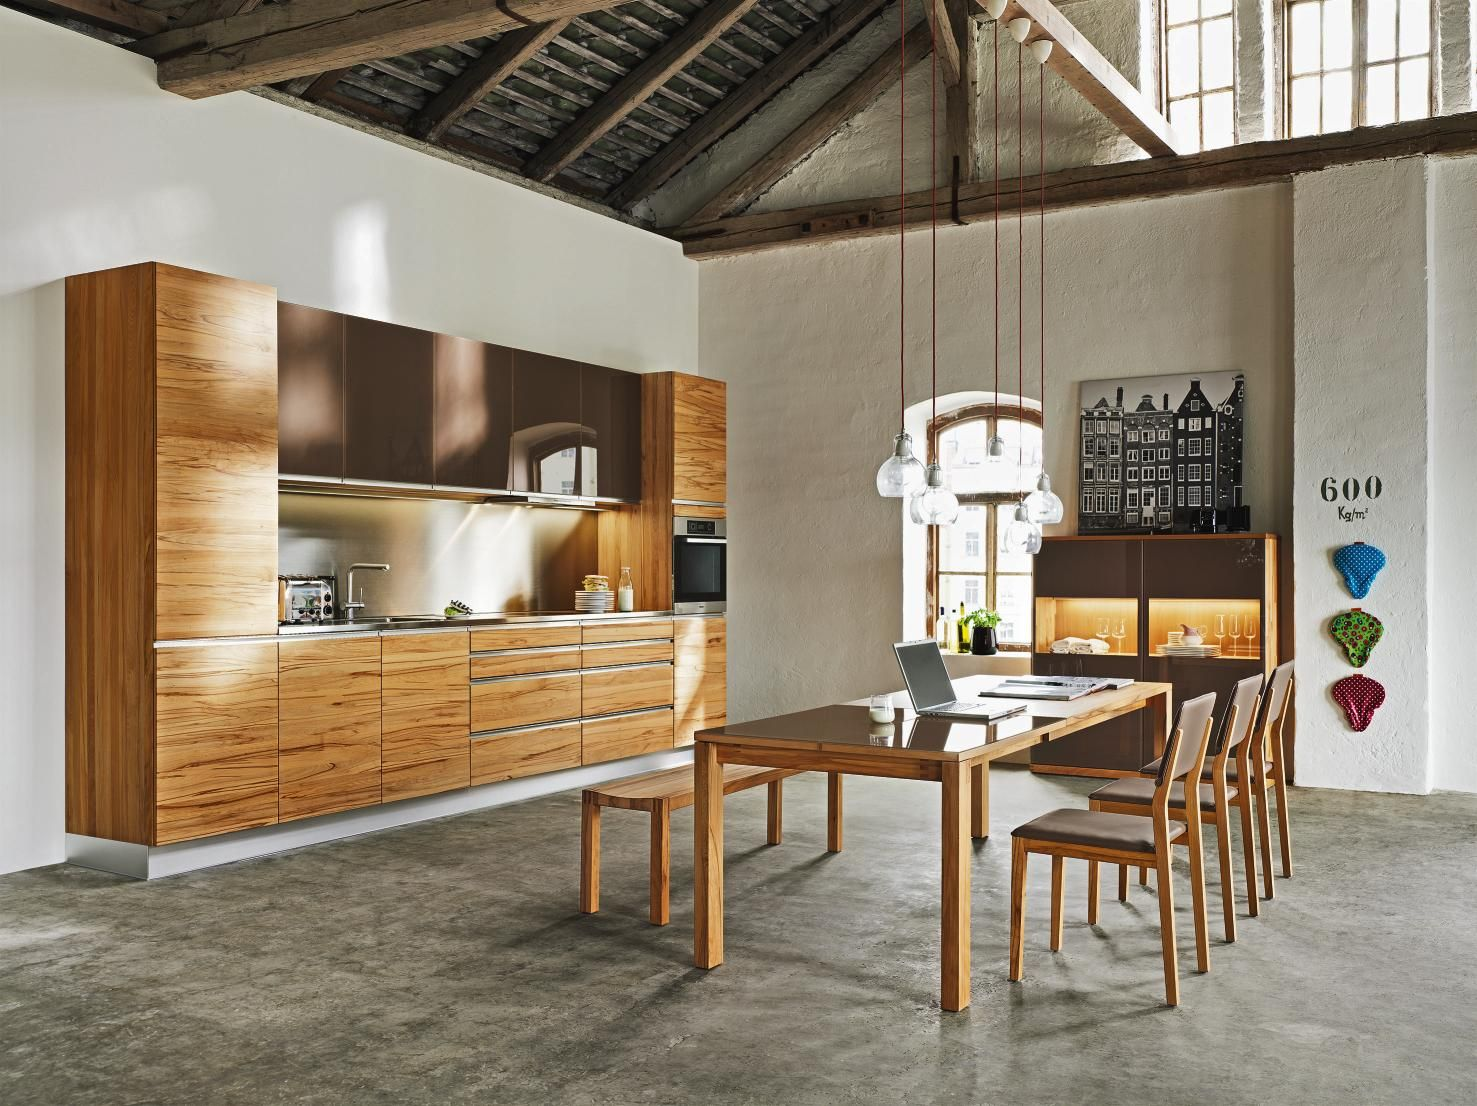 TEAM 7 Einbauküche in natürlichem Braun modernes und